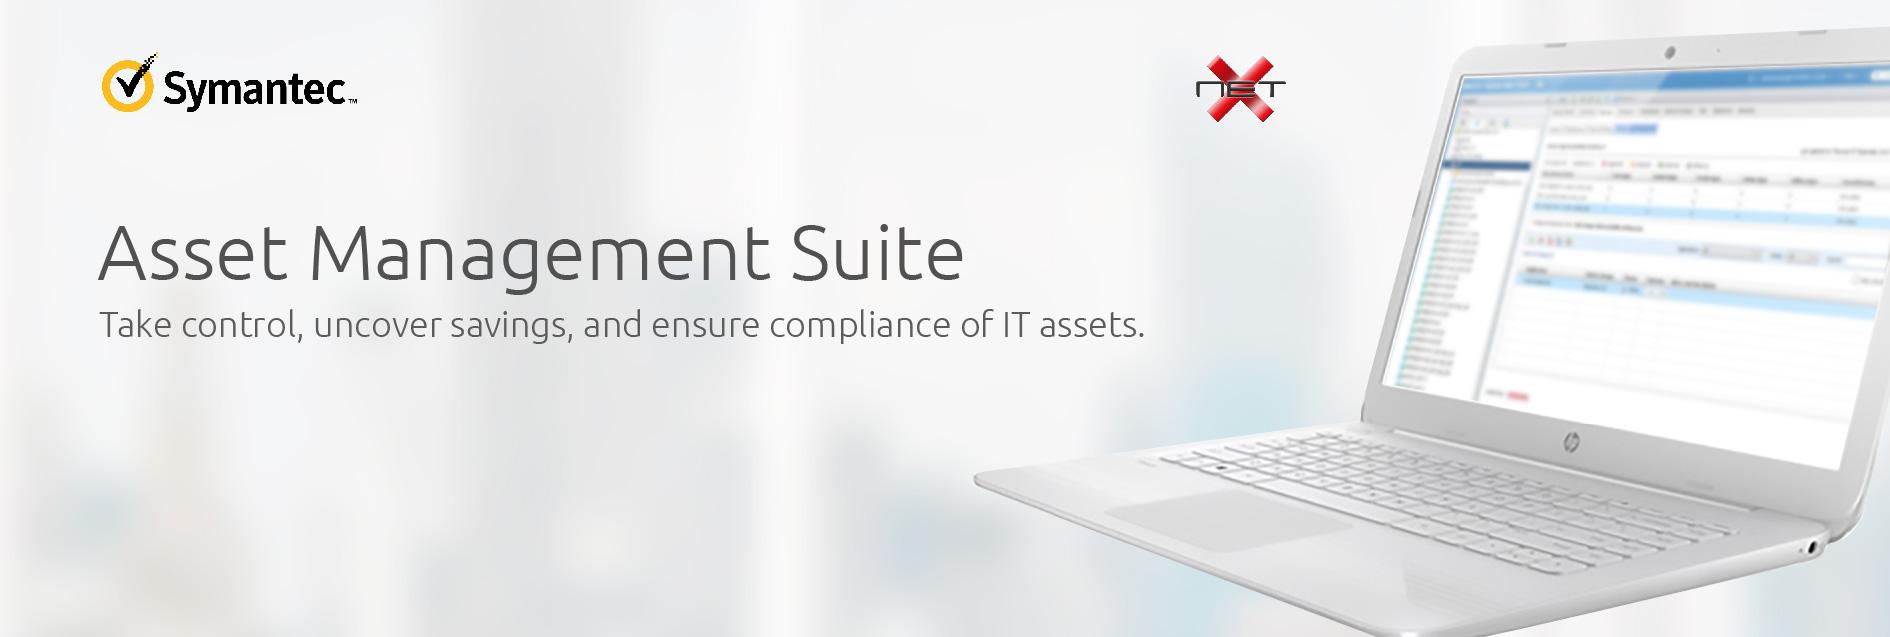 netx-symantec-asset-mgmt-suite-banner